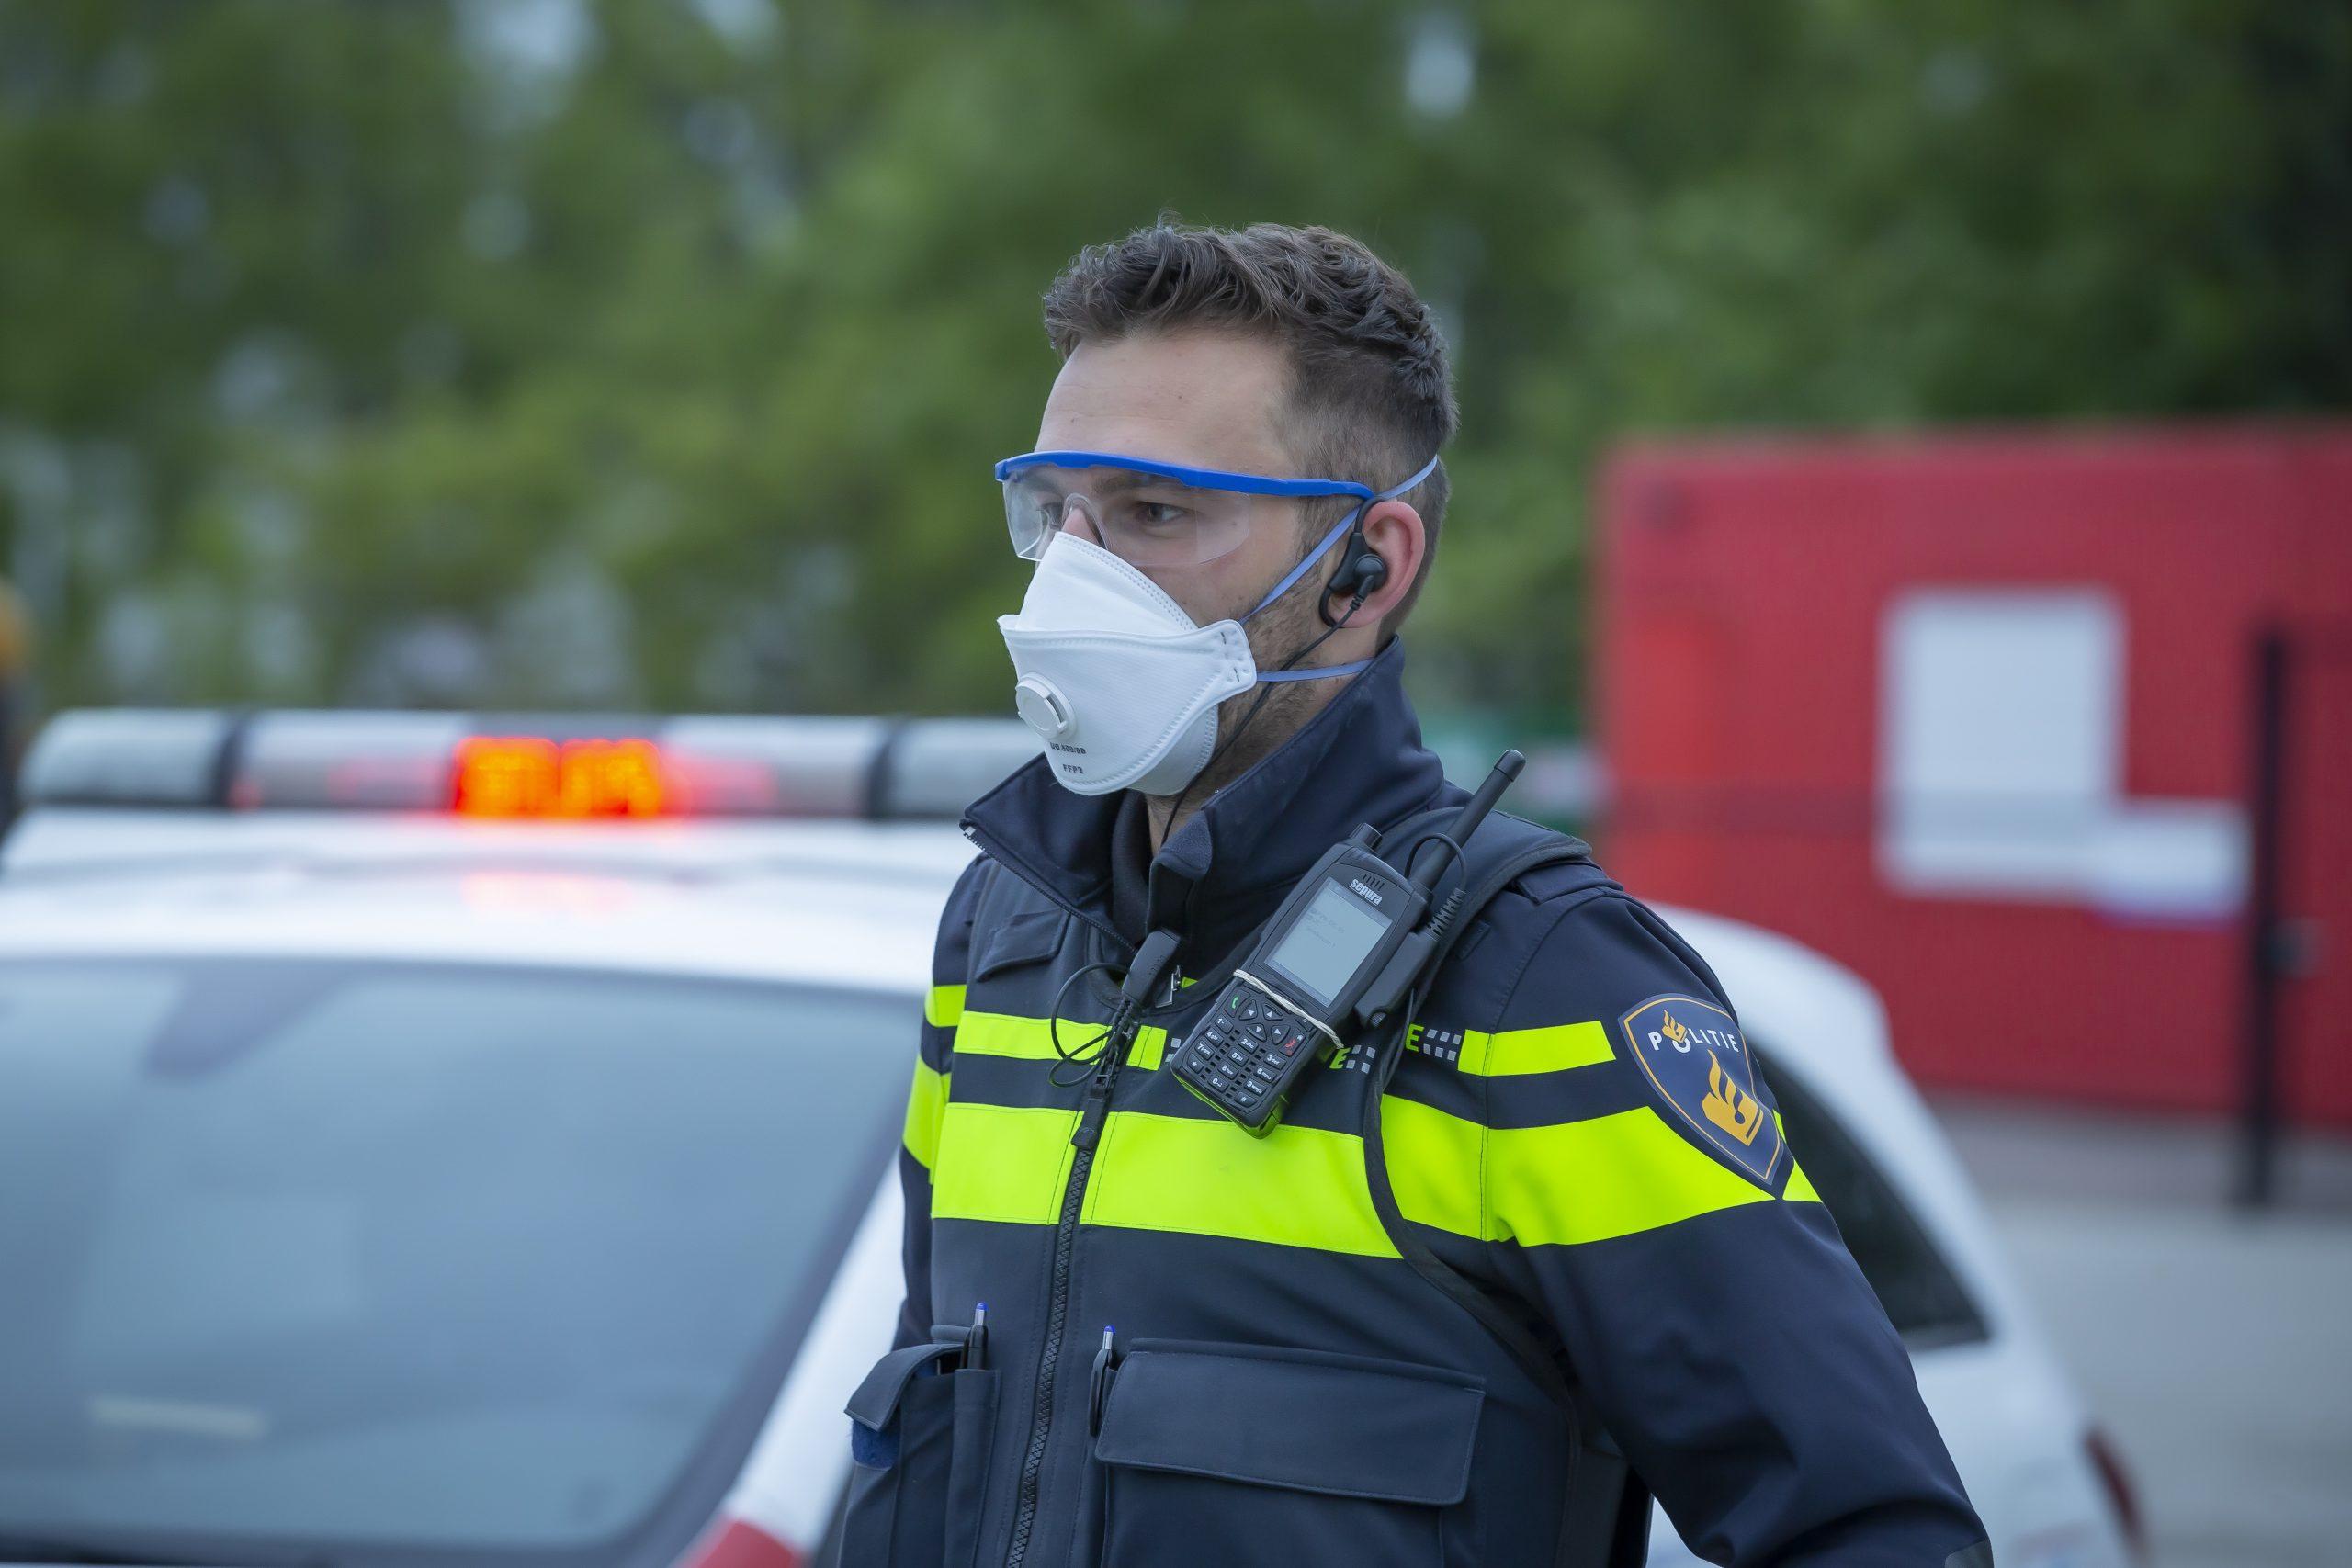 Politiemensen krijgen geen voorrang bij vaccineren